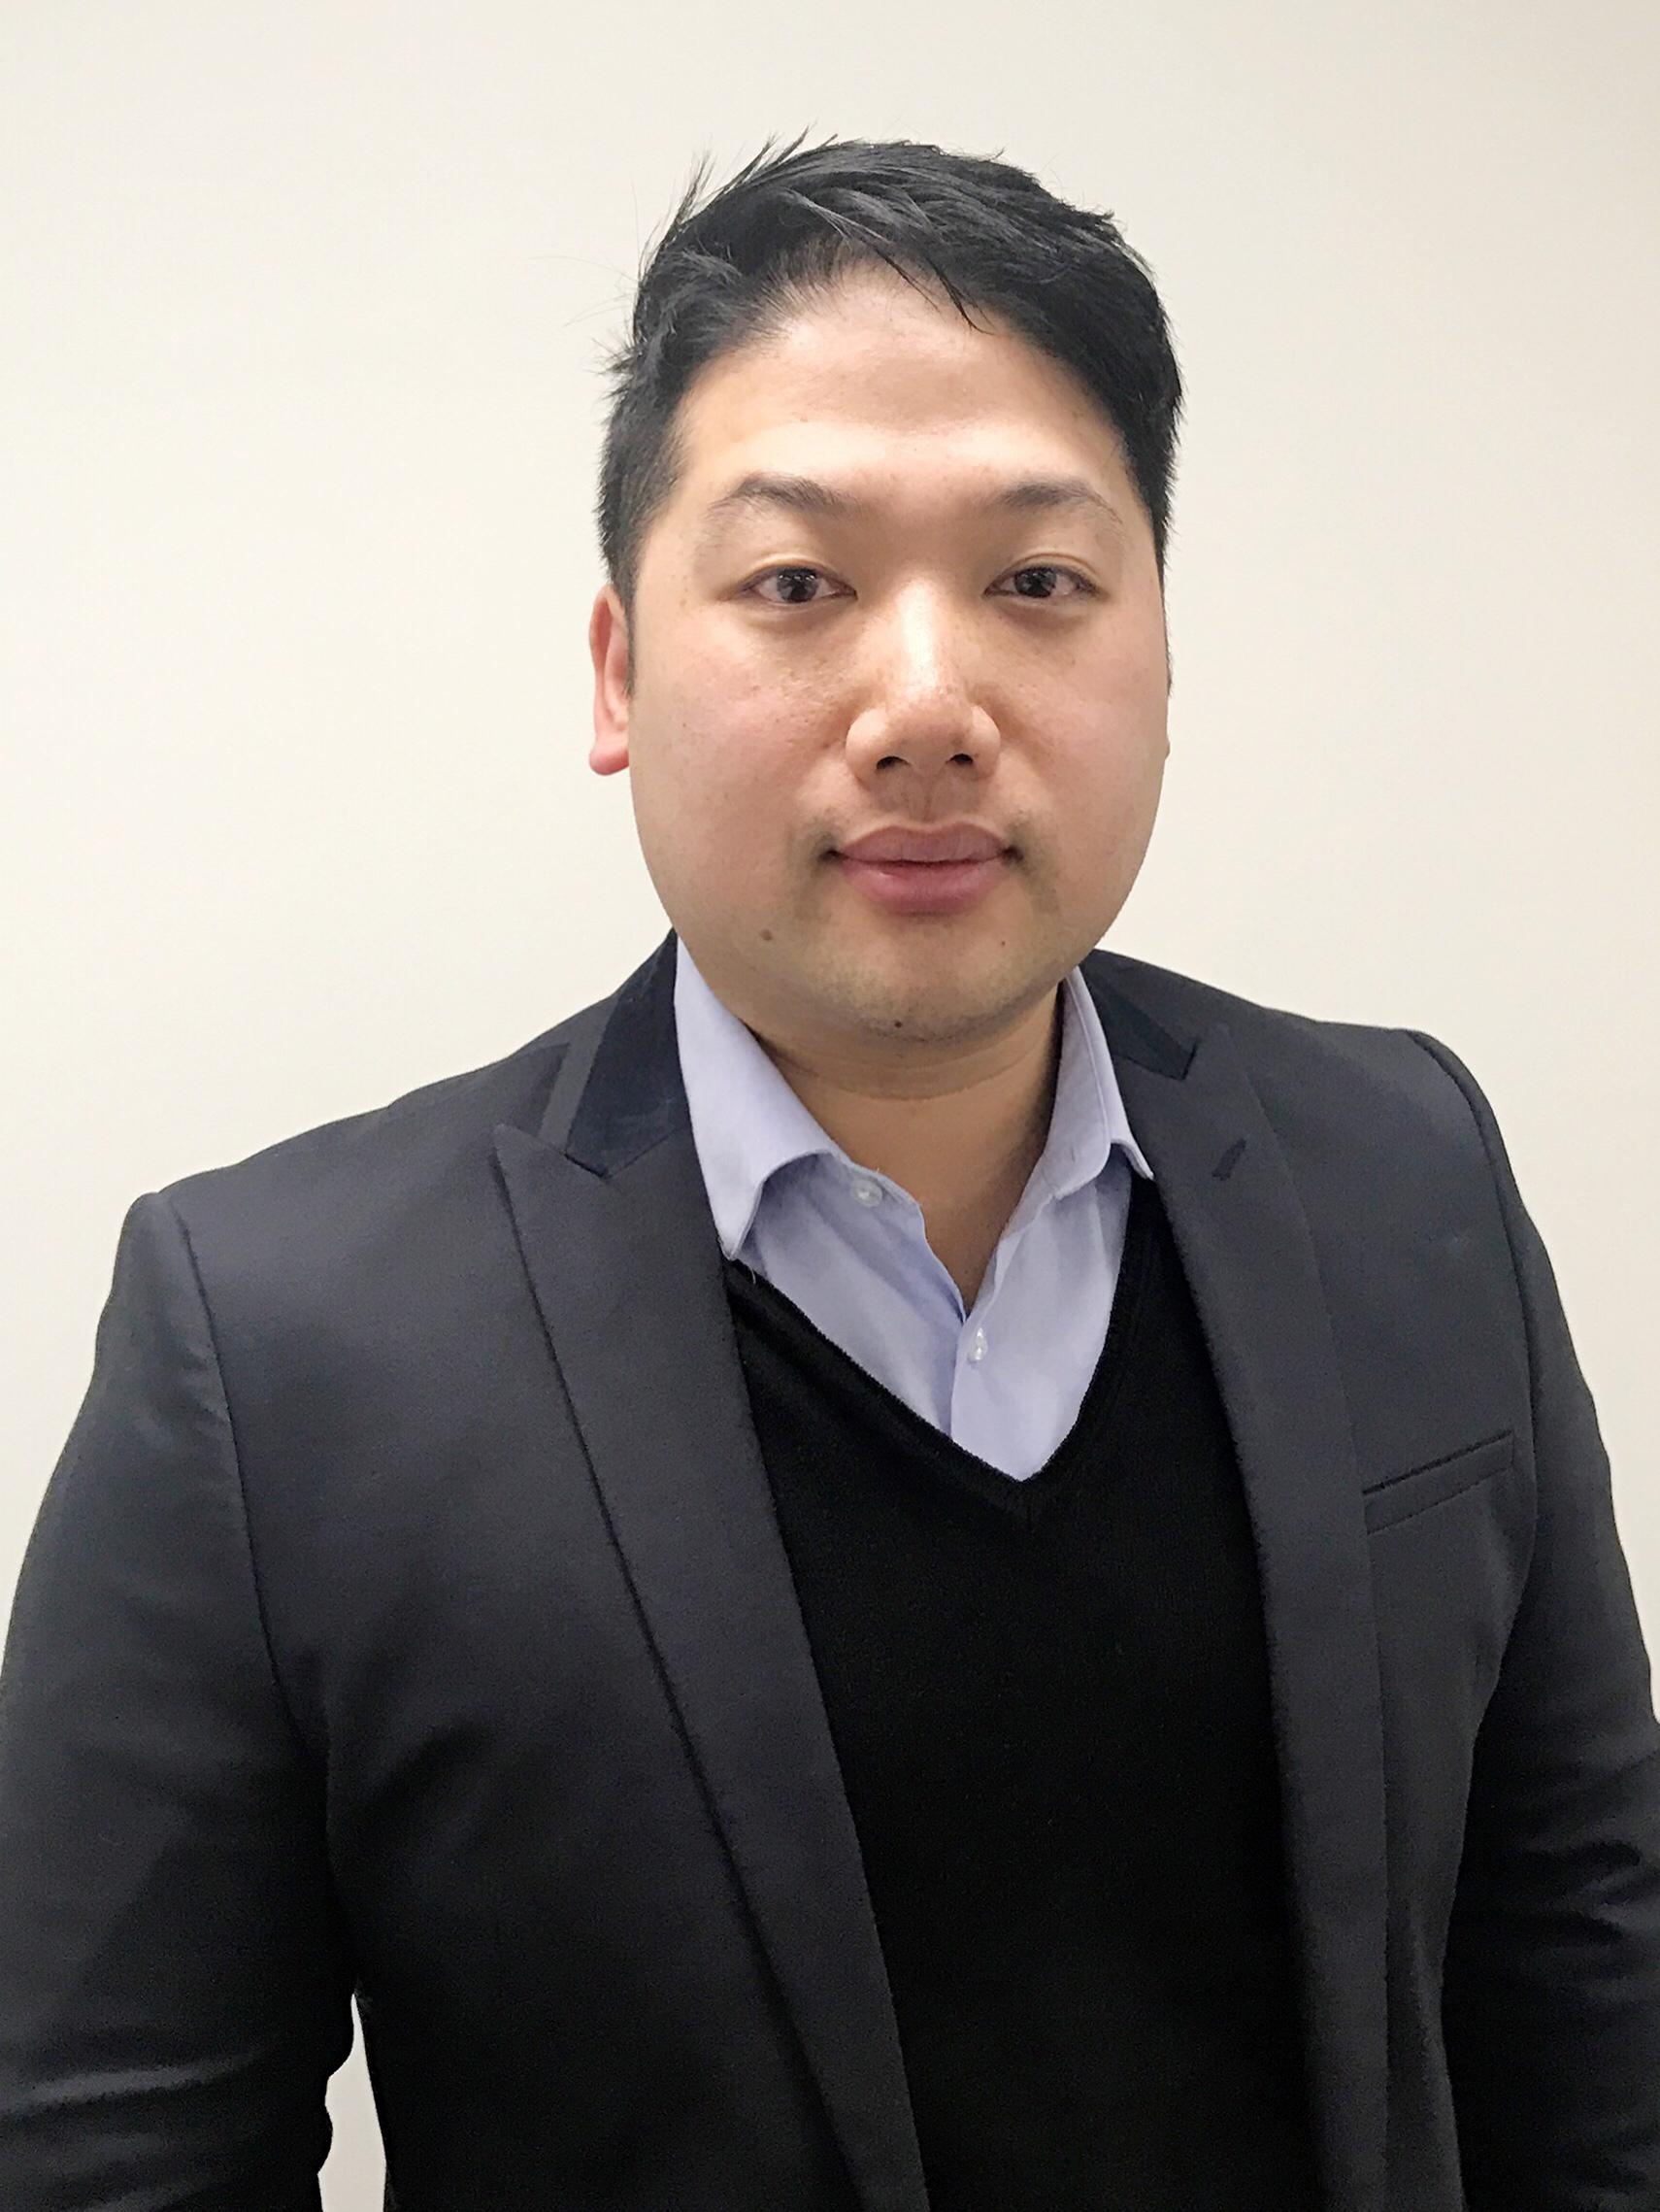 Winston Qiu